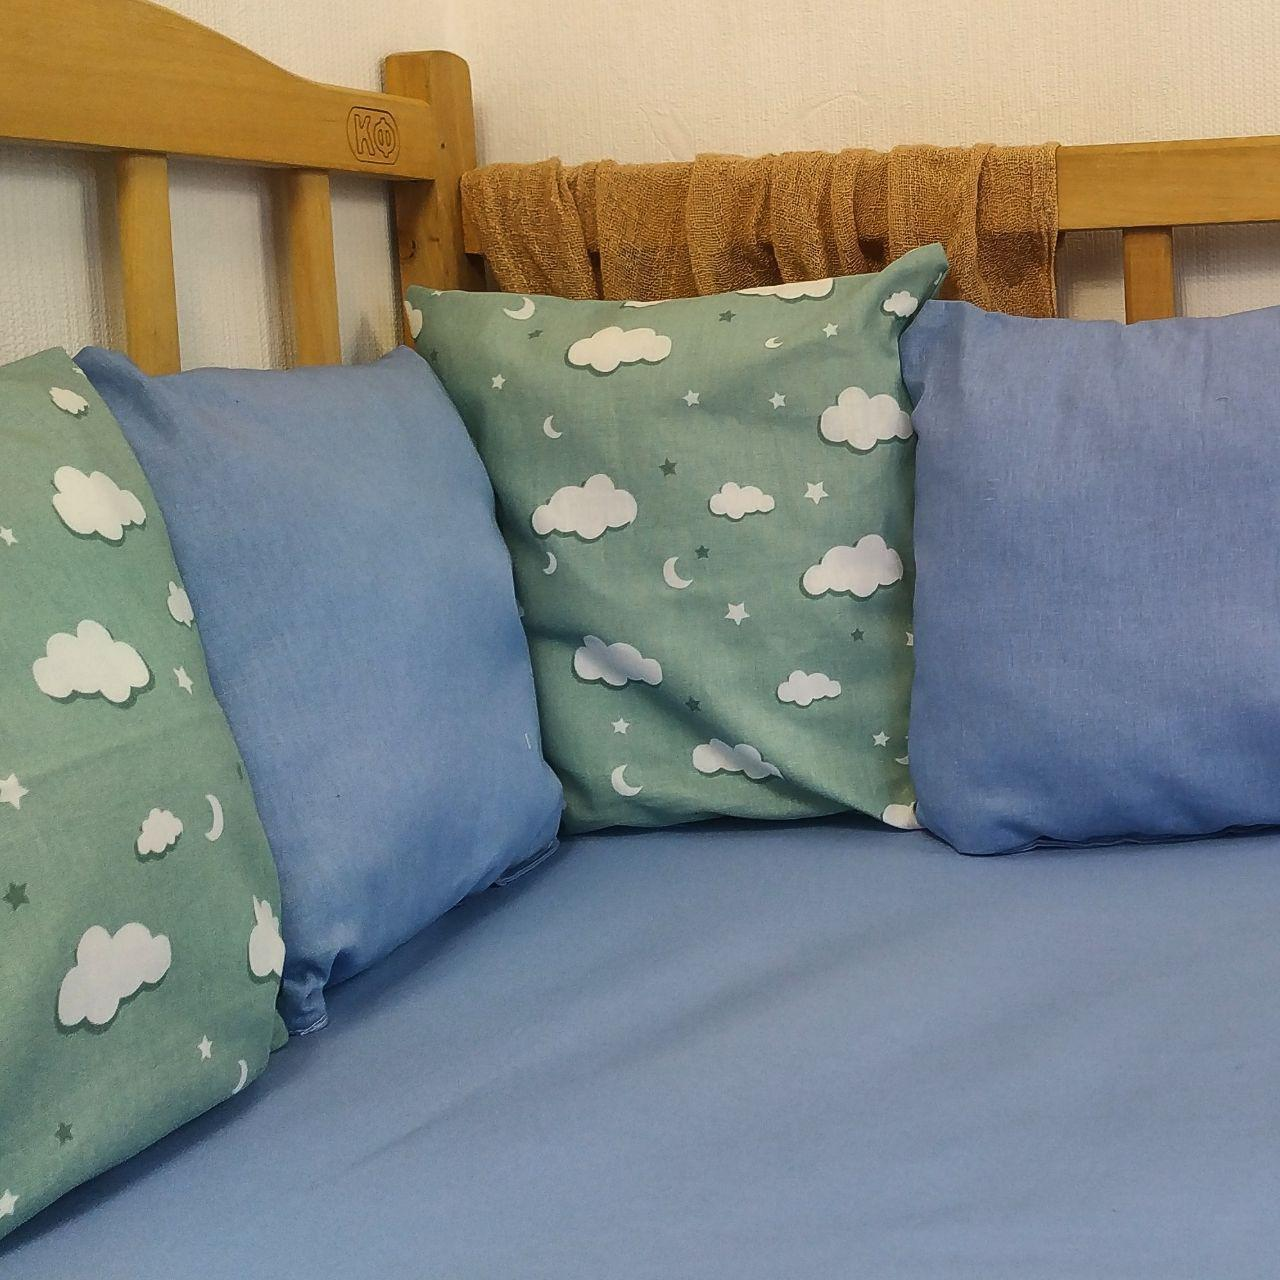 Бортики в детскую кровать на 3 стороны | Бортики в дитяче ліжко на 3 сторони